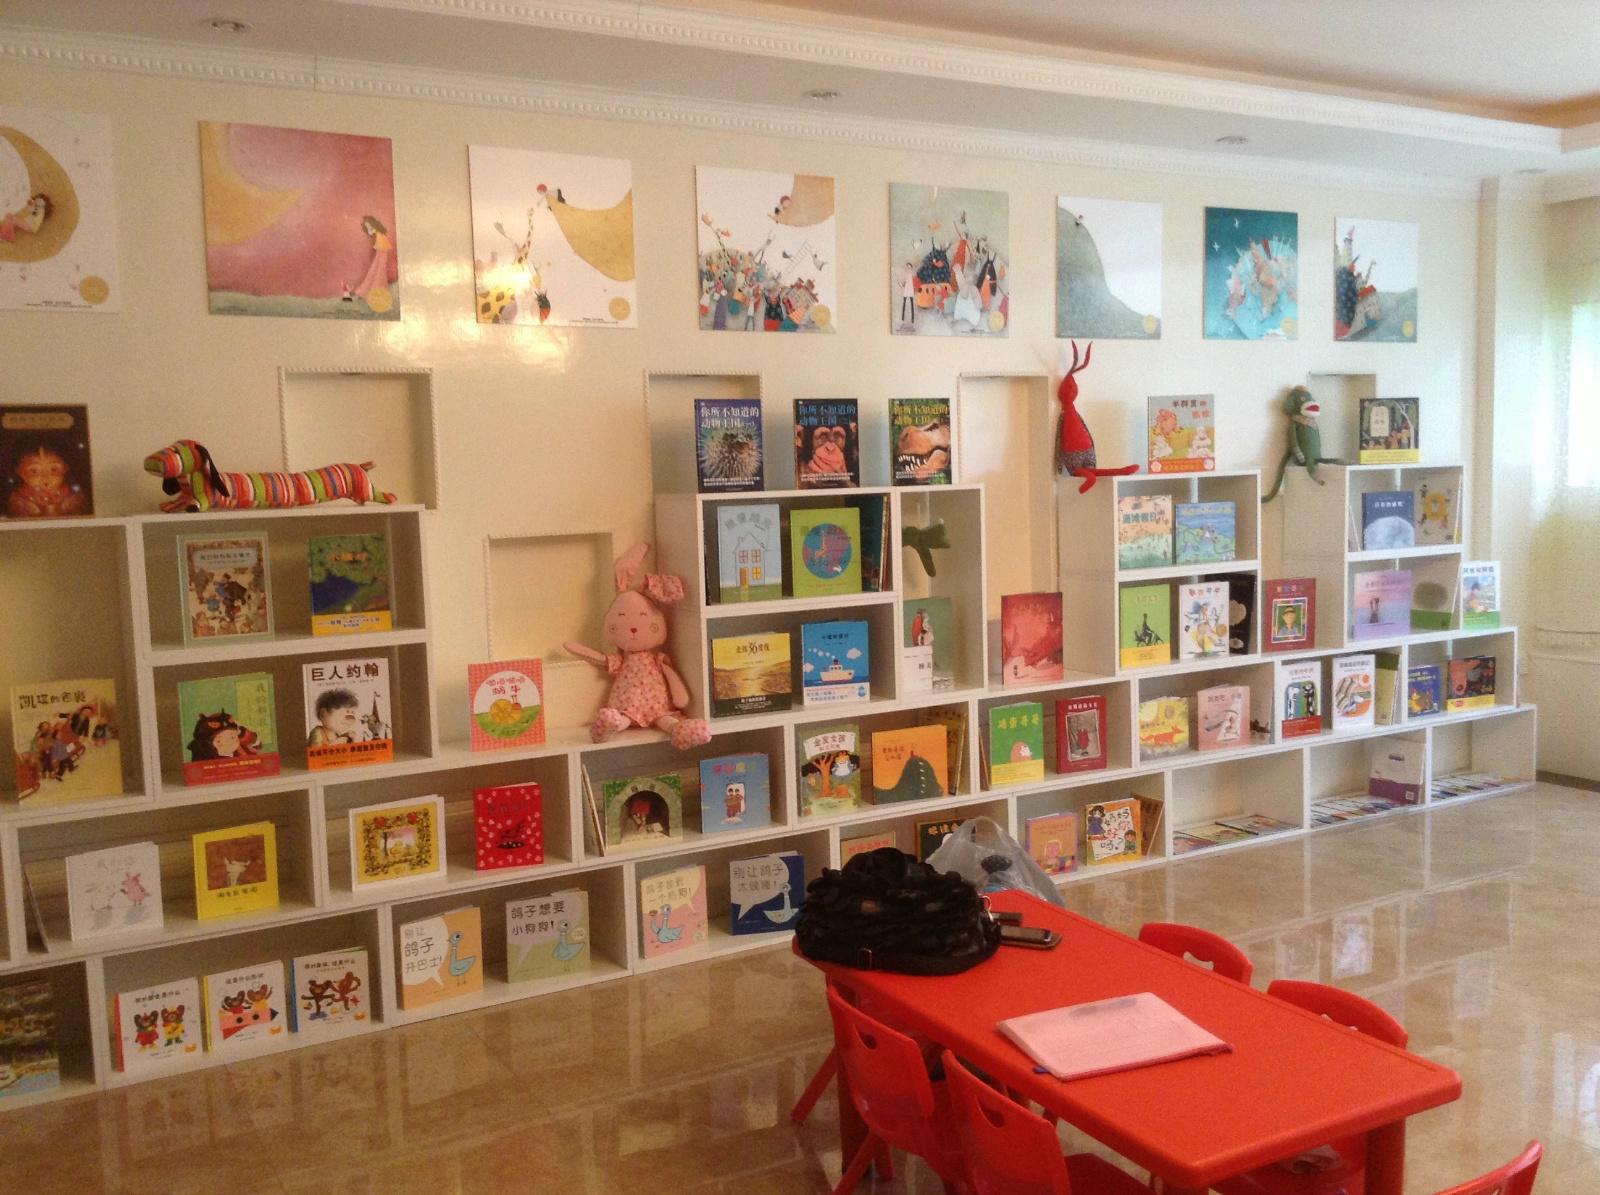 【书香校园】全国幼儿园优秀绘本环境创建展